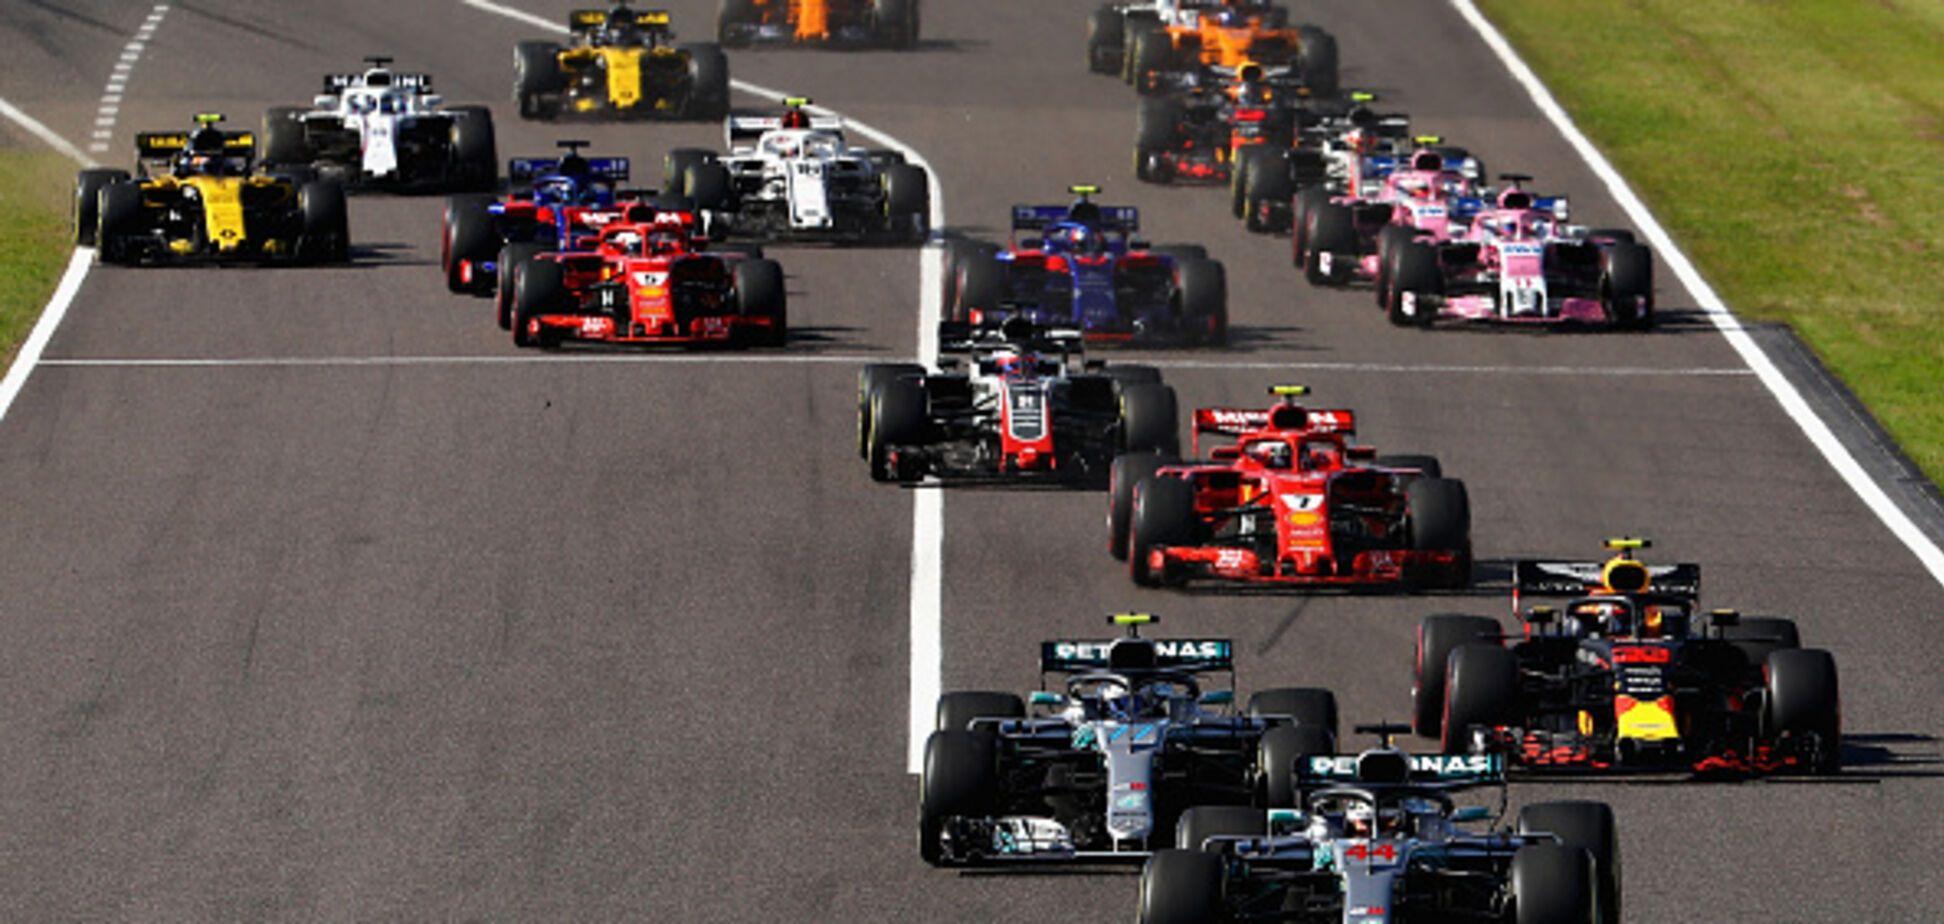 Формула-1: Феттель влаштував зіткнення на Гран-прі Японії